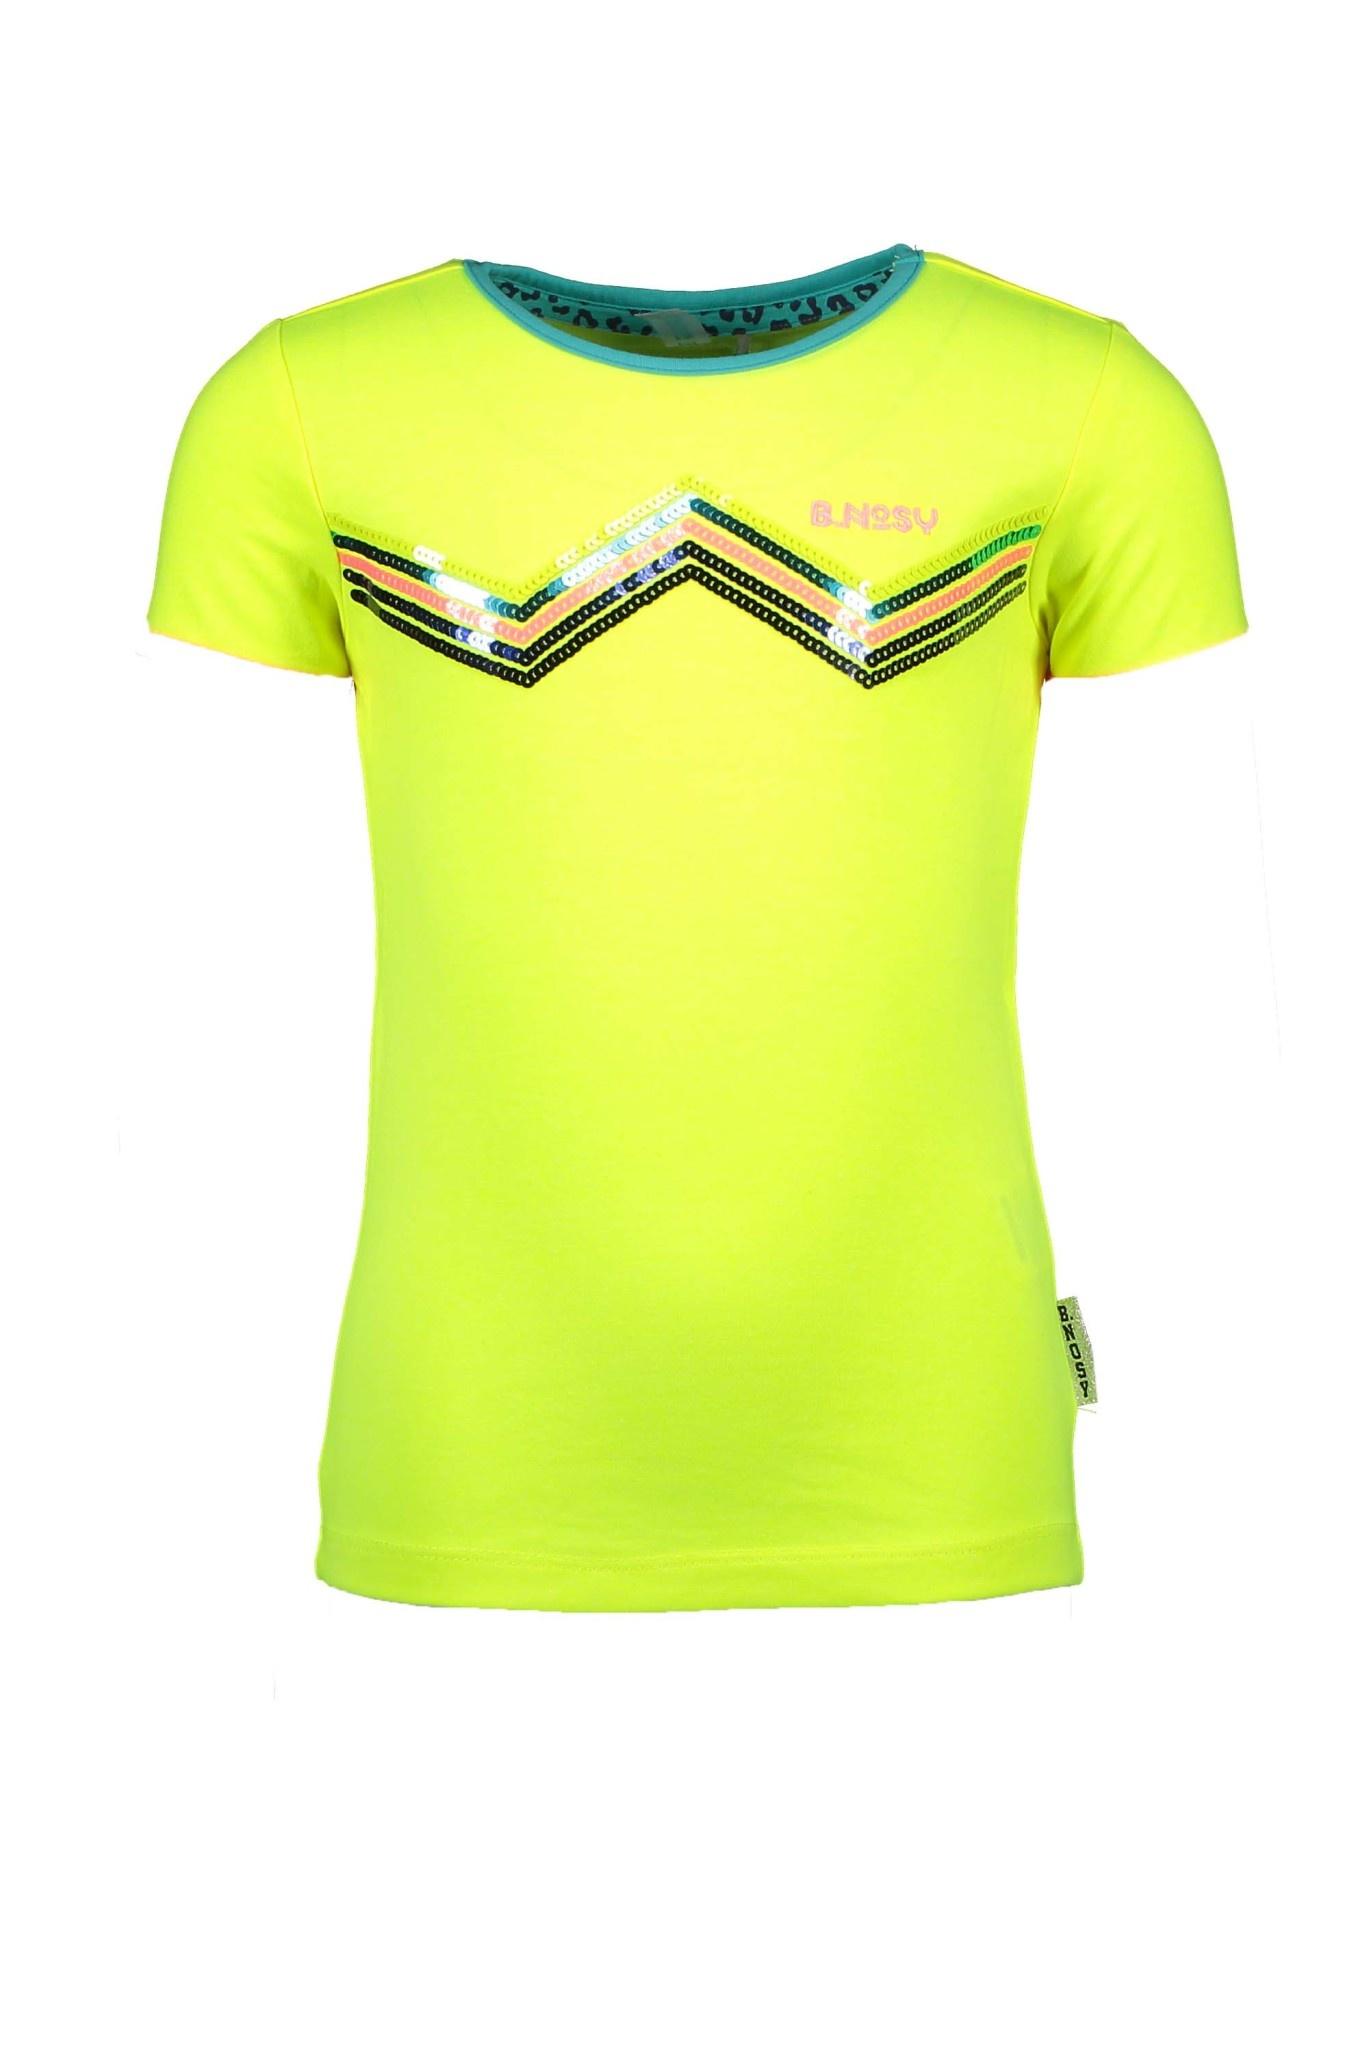 B.Nosy Meisjes Shirt Zig-zag Y002-5461-1